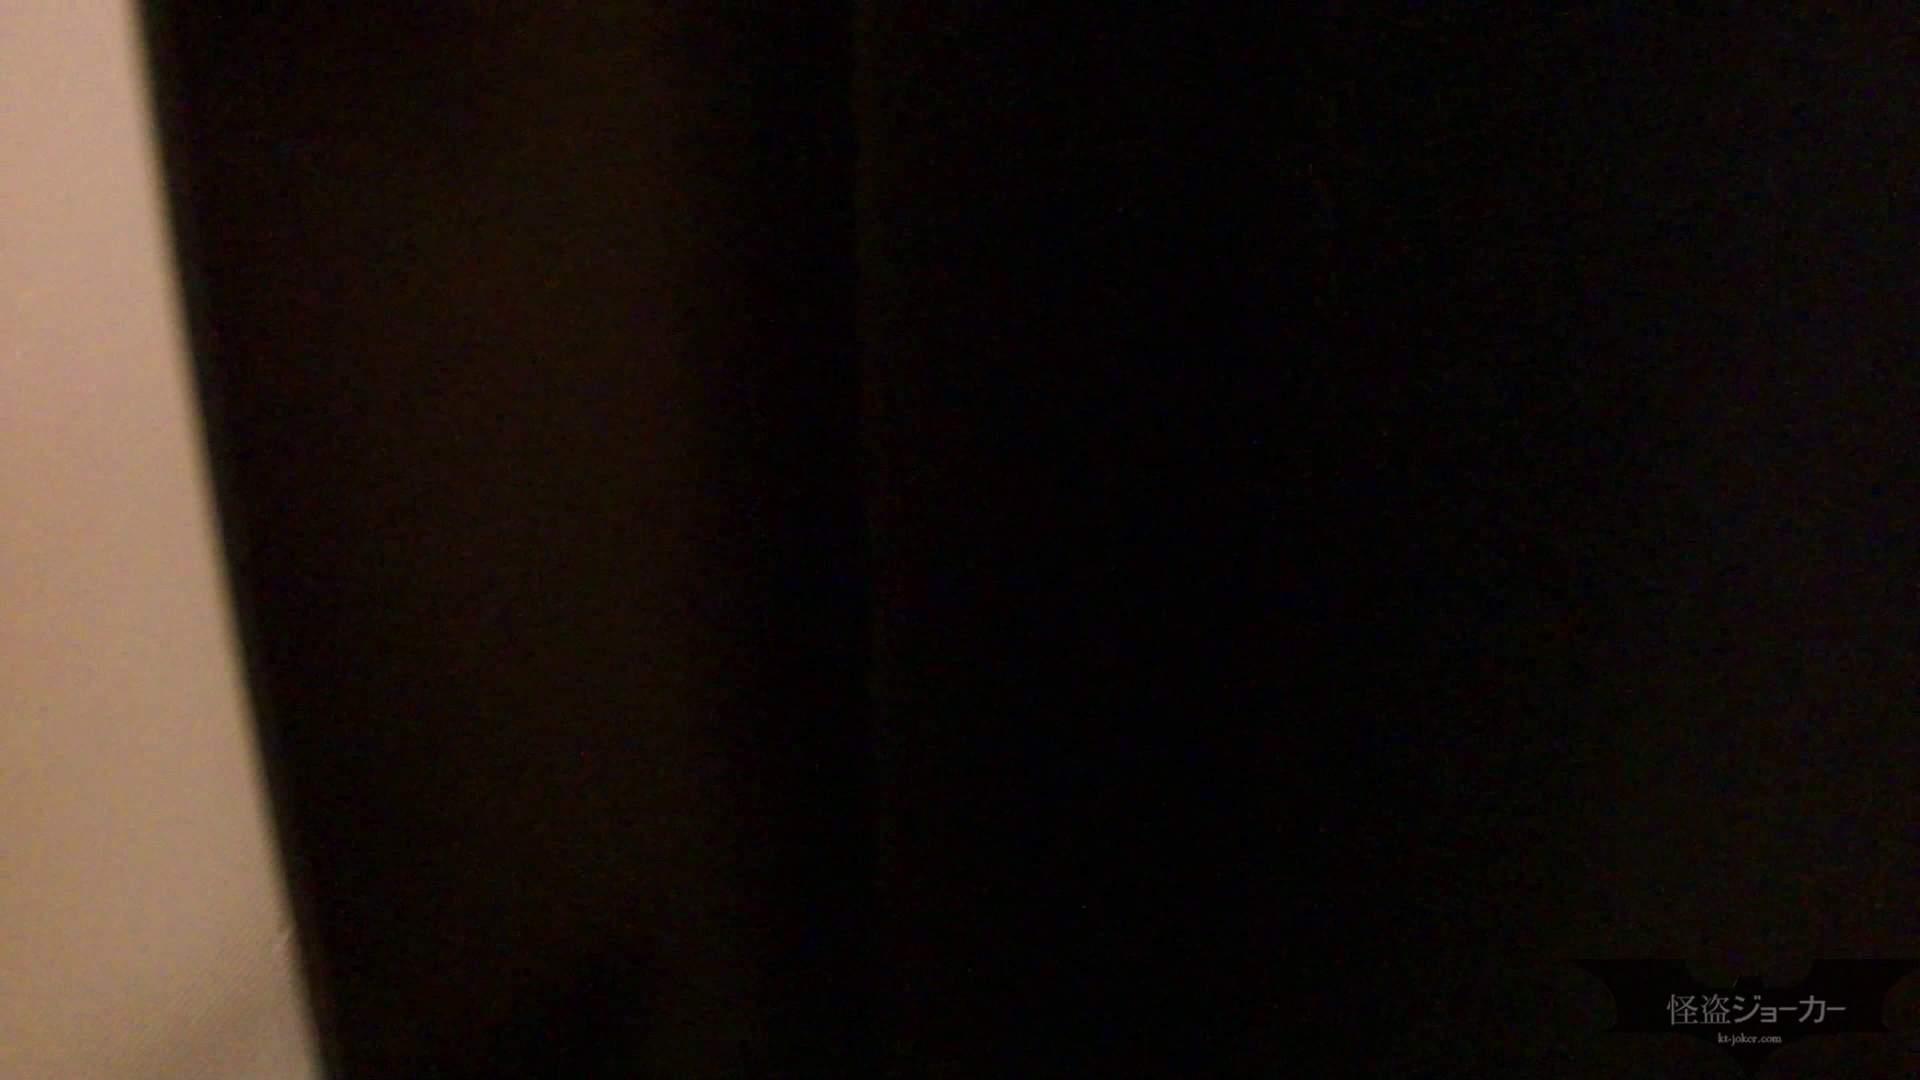 【未公開】vol.60【ユリナ】お泊りした翌日の朝・・・。 シャワーシーン 女性器鑑賞 76連発 3